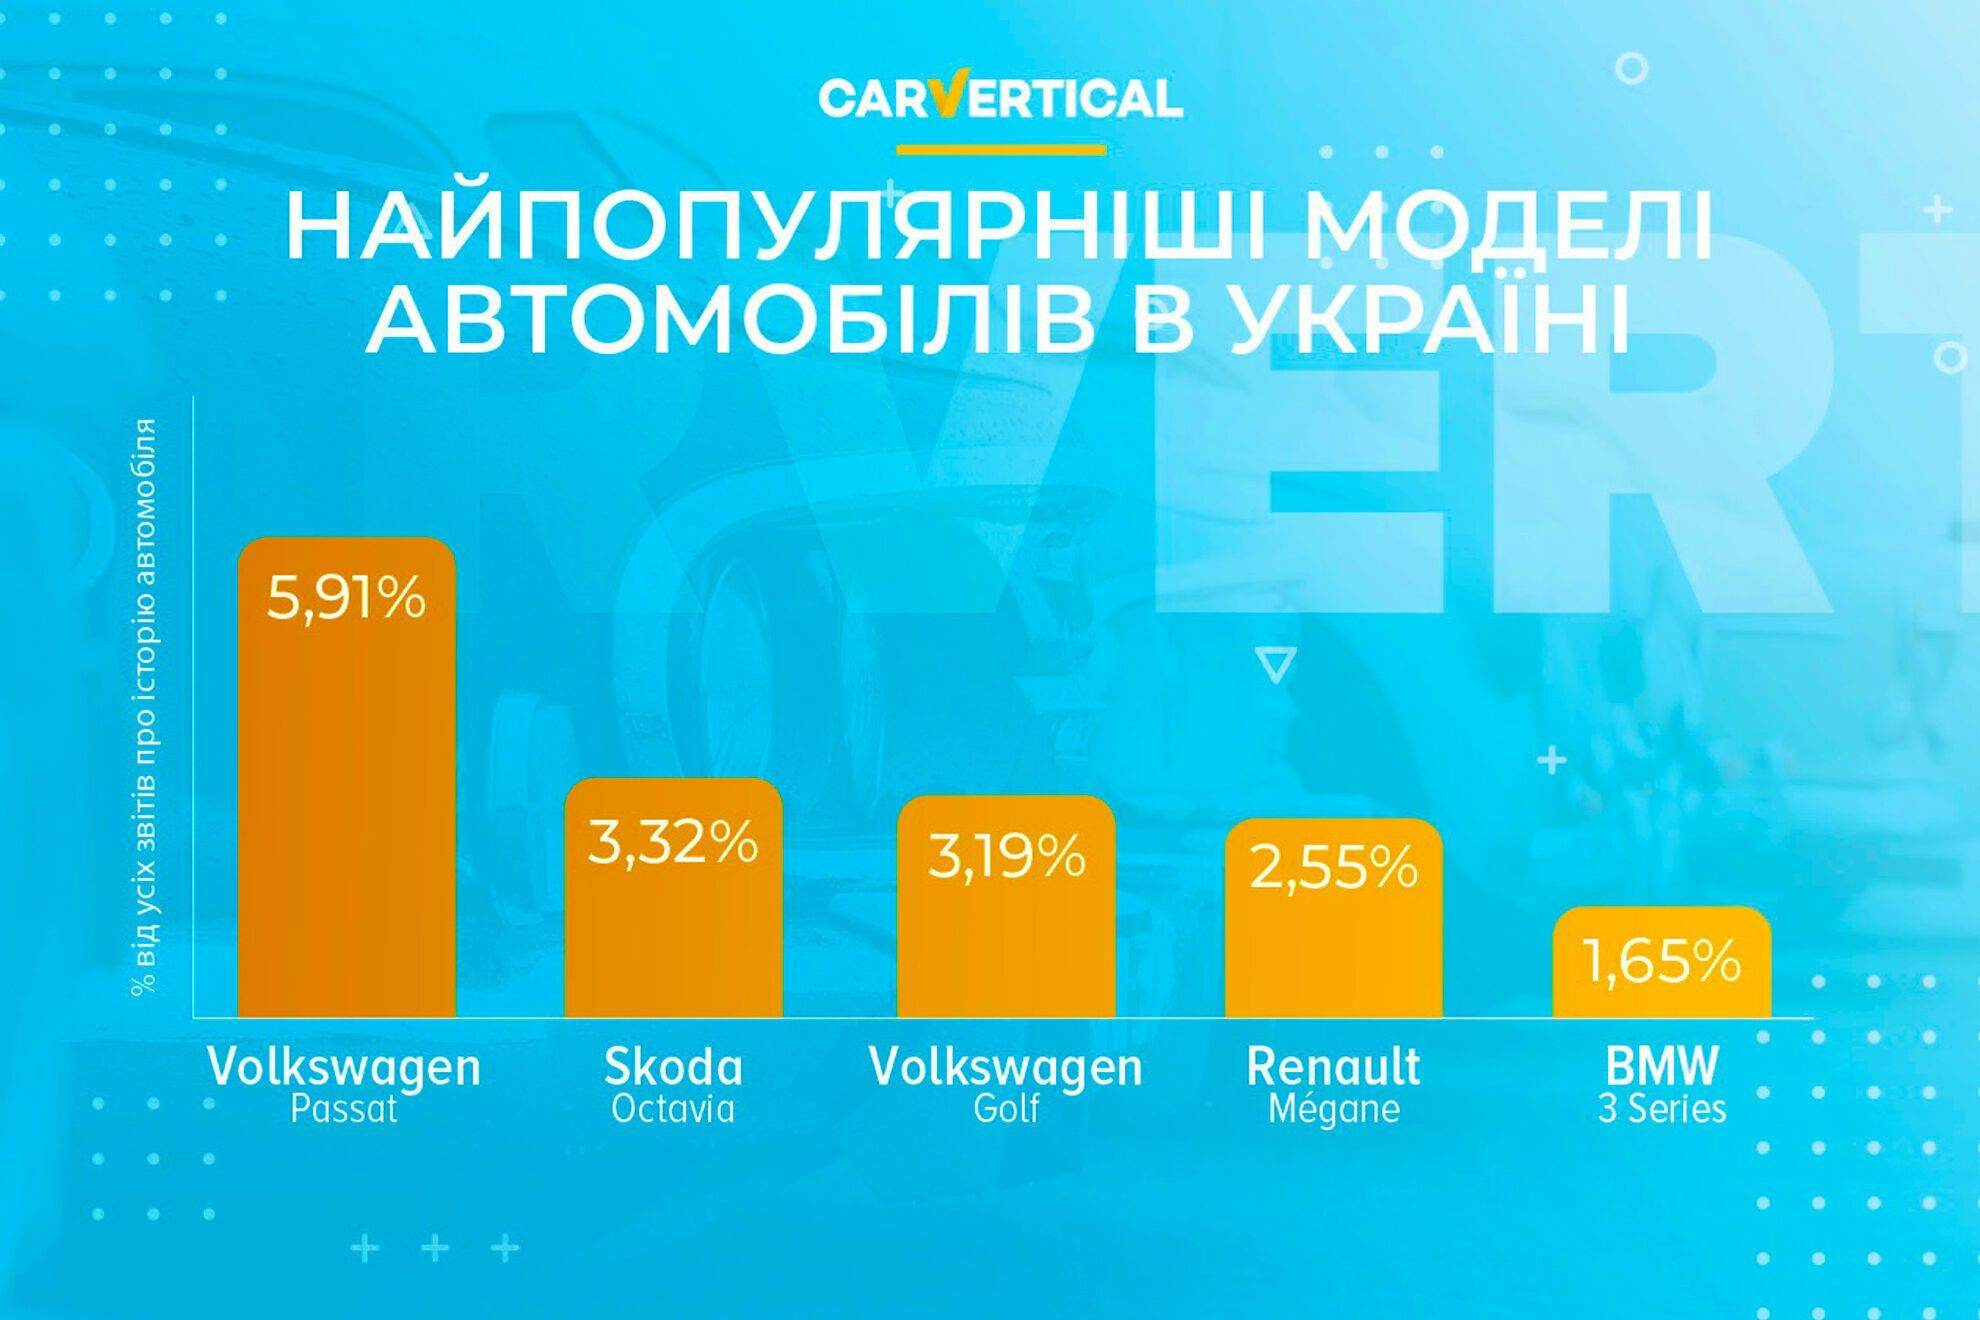 Рейтинг найбільш популярних автомобілів в Україні за даними аналізу запитів користувачів carVertical